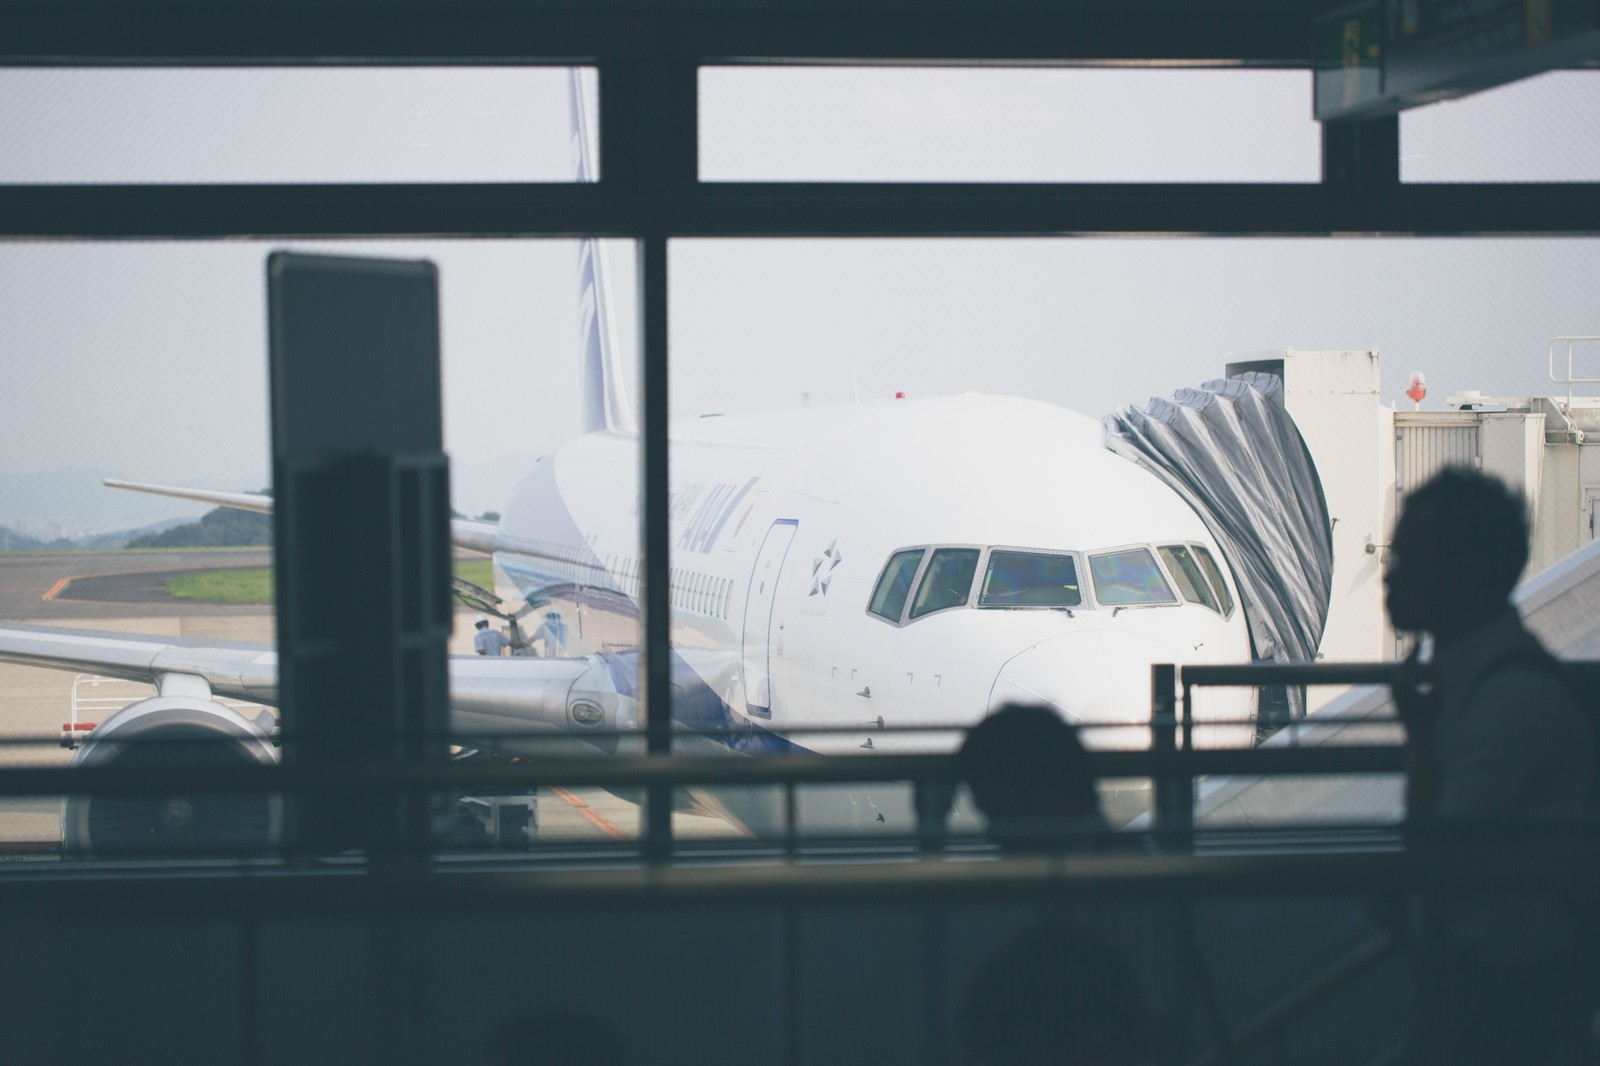 アンビリバボー 羽田空港大爆破事件(1967年)身代わり殺人が犯行理由?8月3日